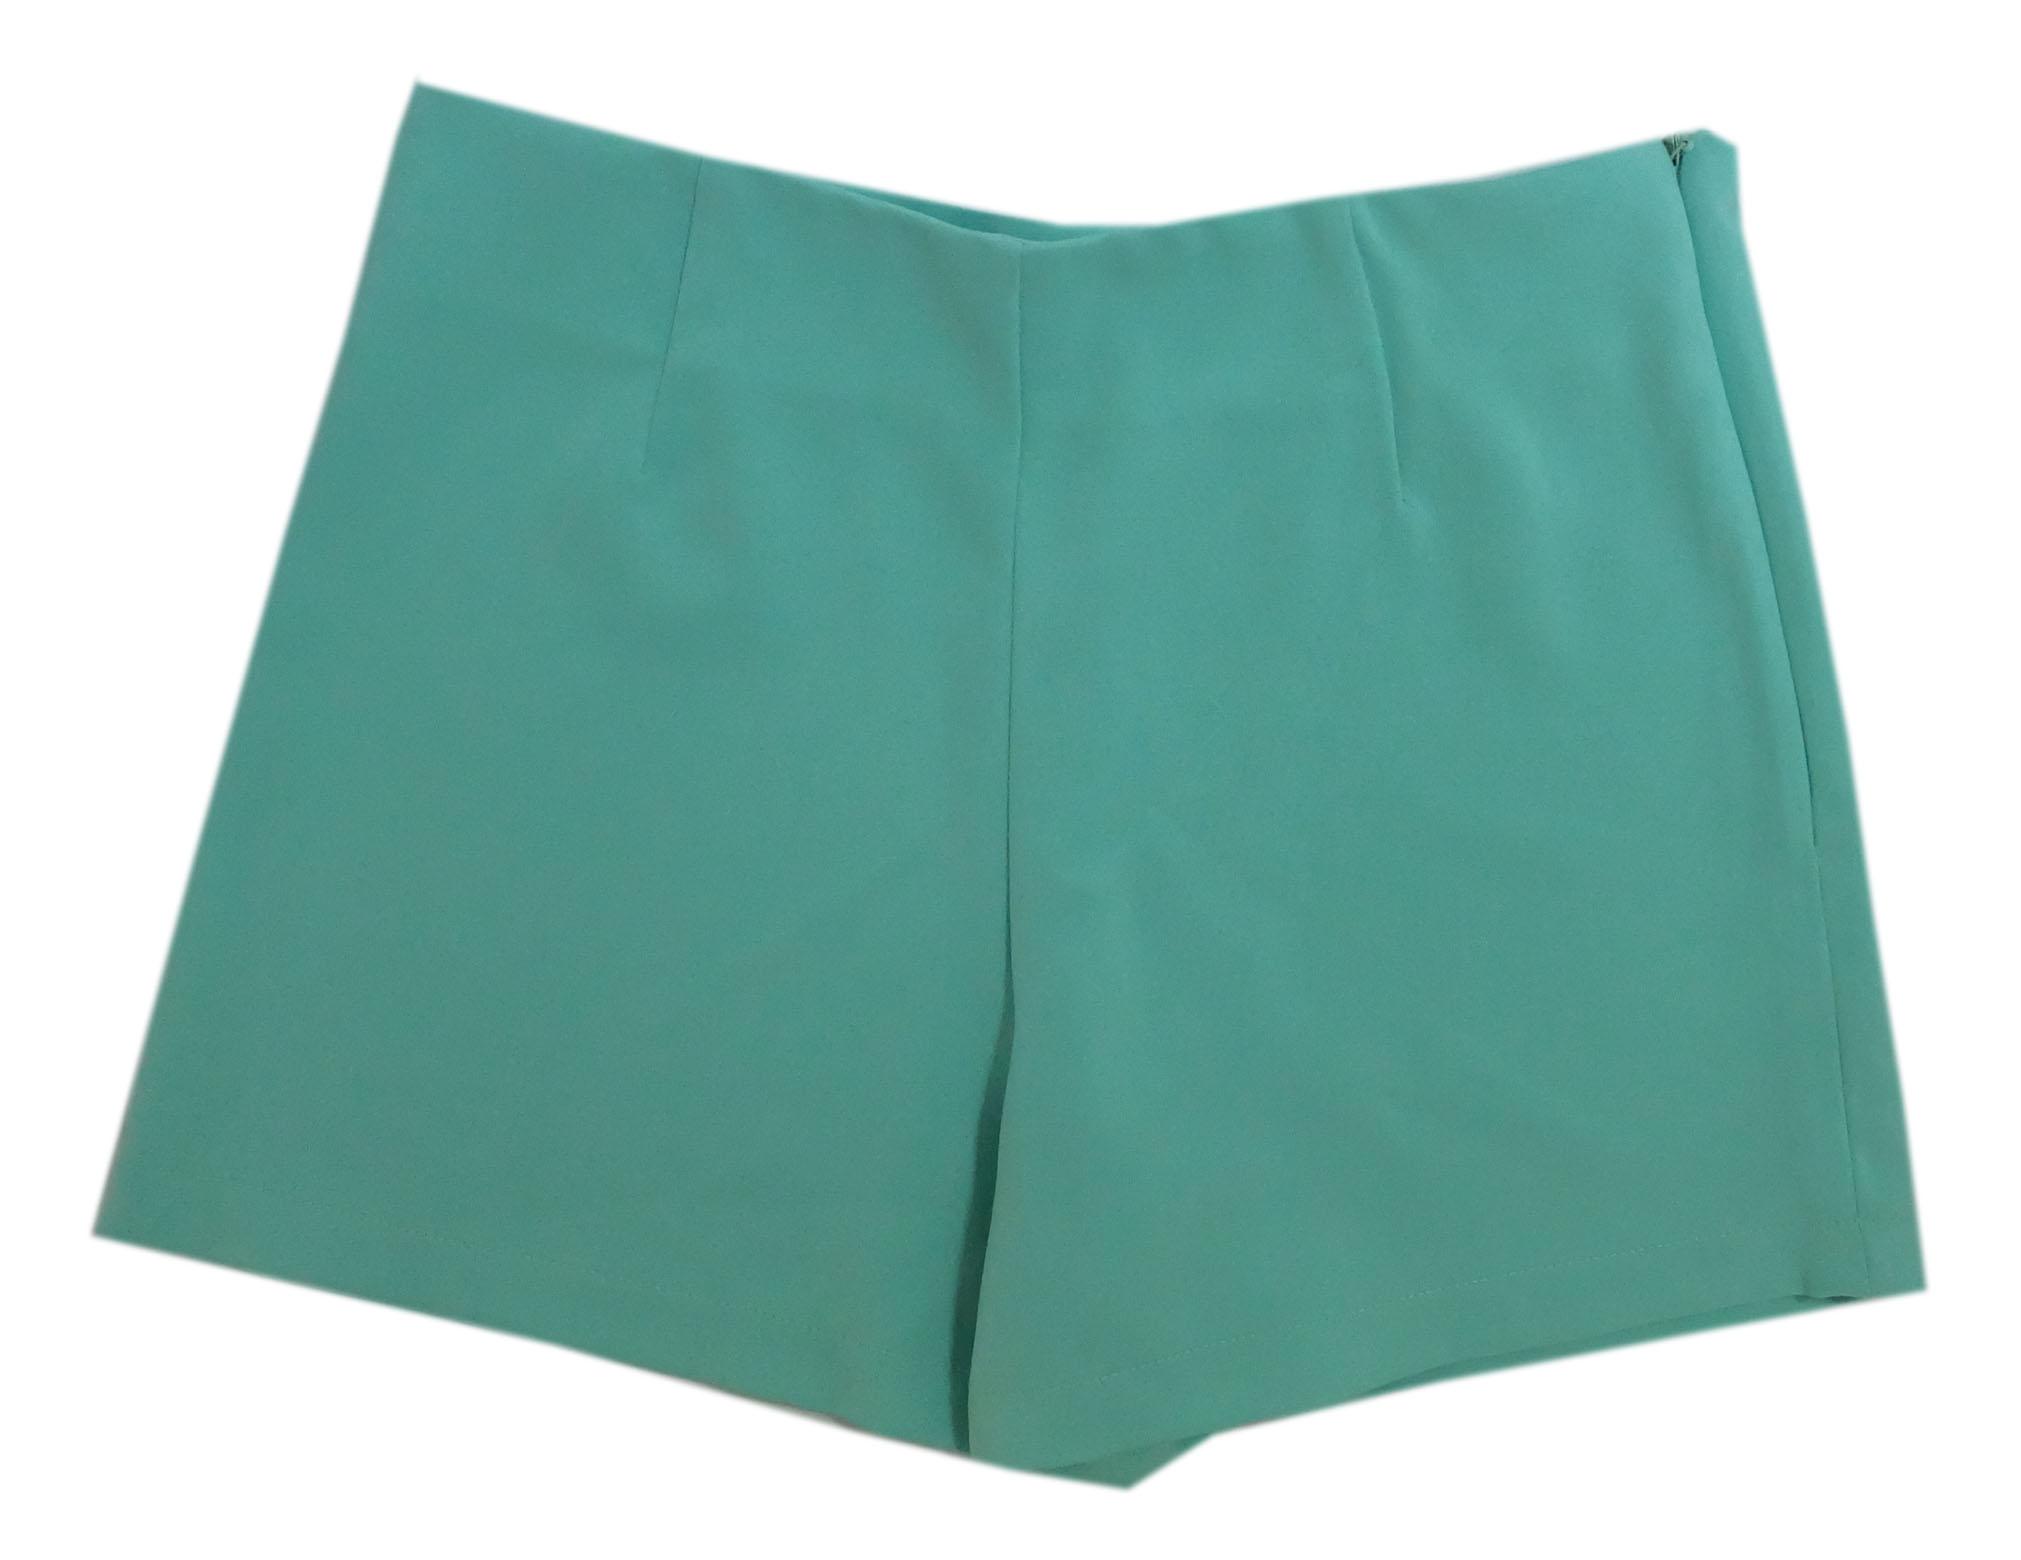 กางเกงขาสั้นเอวสูงขอบเรียบผ้าฮานาโกะ ซิปซ้าย กระเป๋าขวา สีเขียวมิ้น Size 2XL 3XL